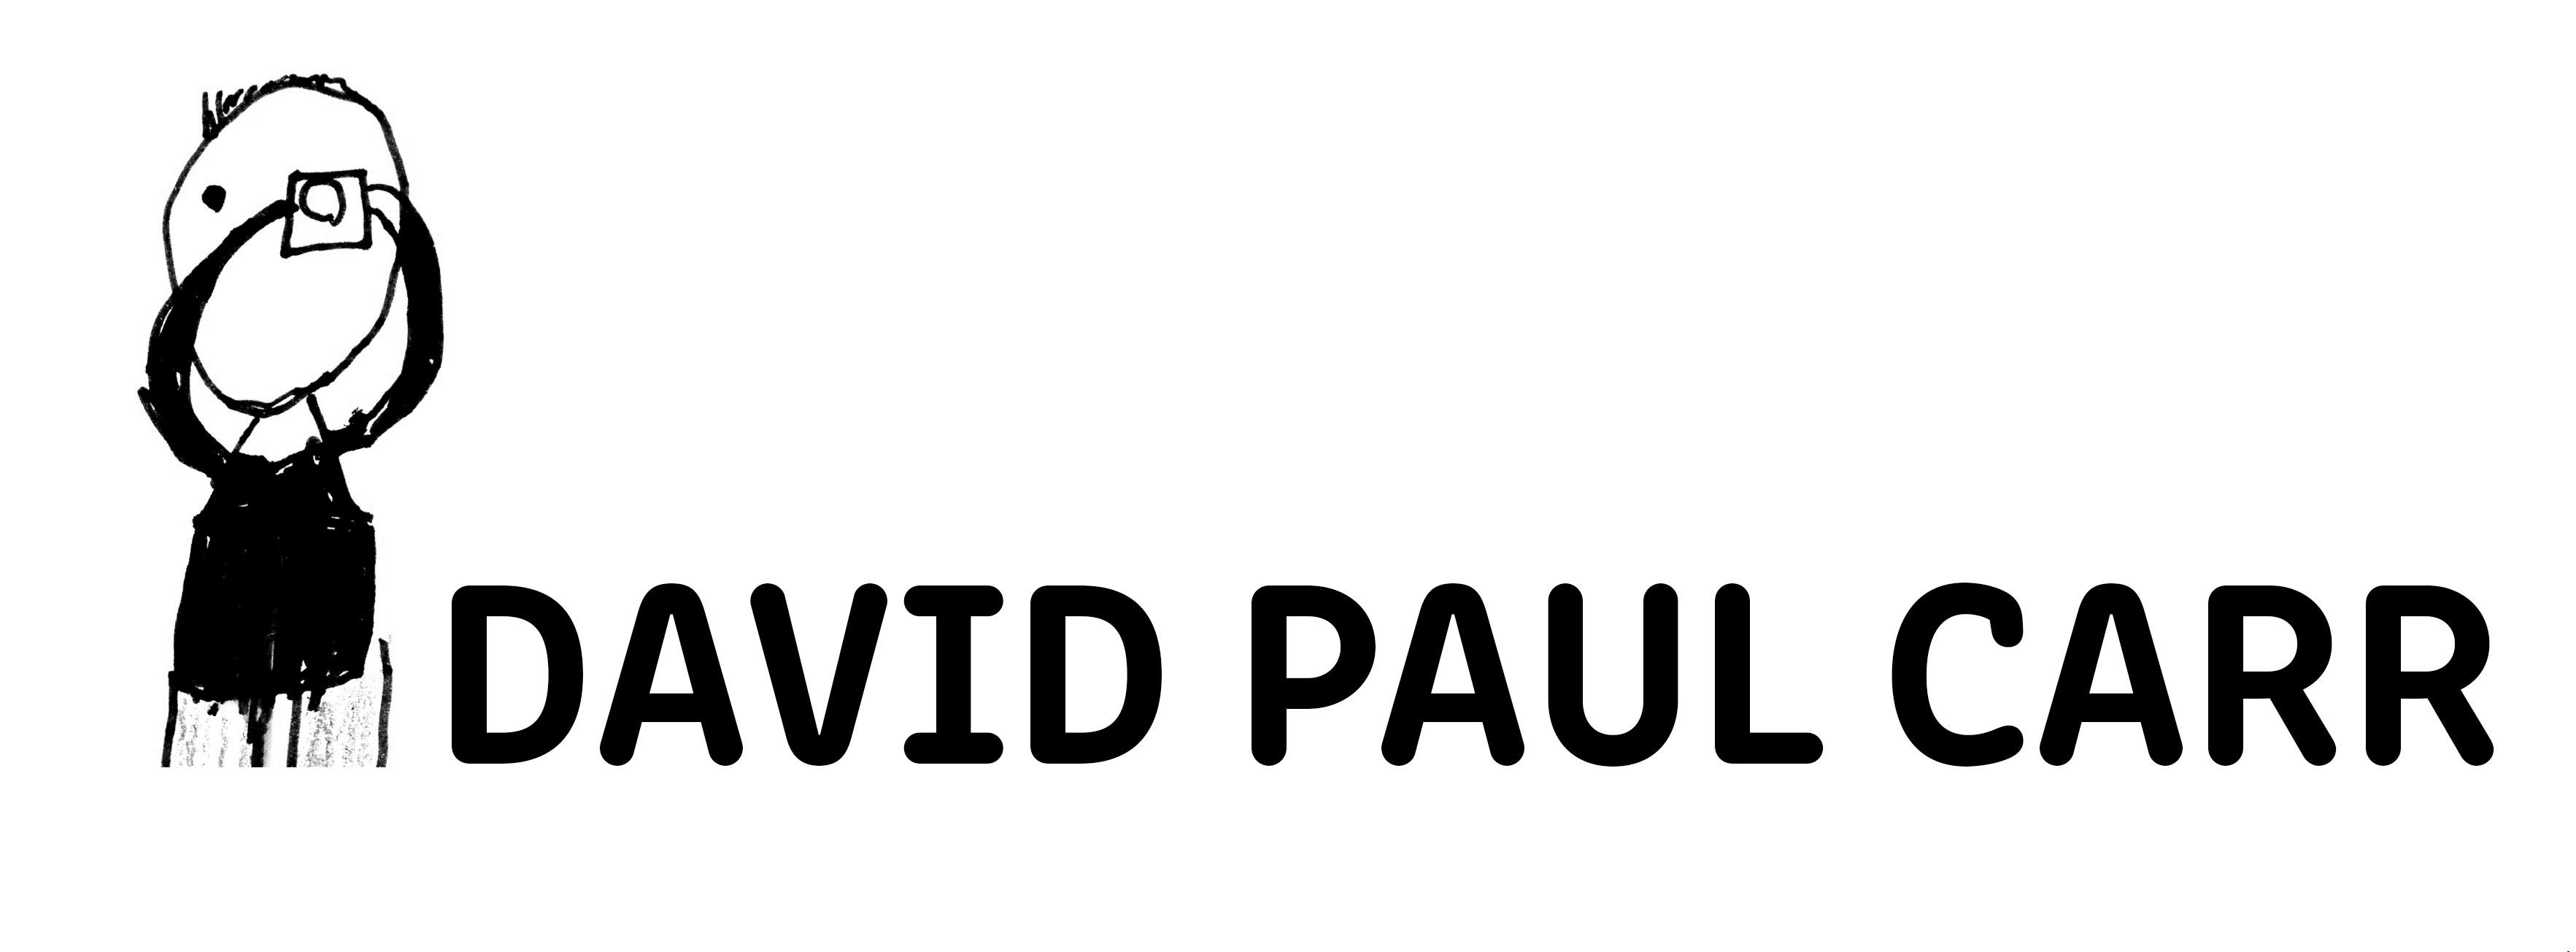 David Paul Carr